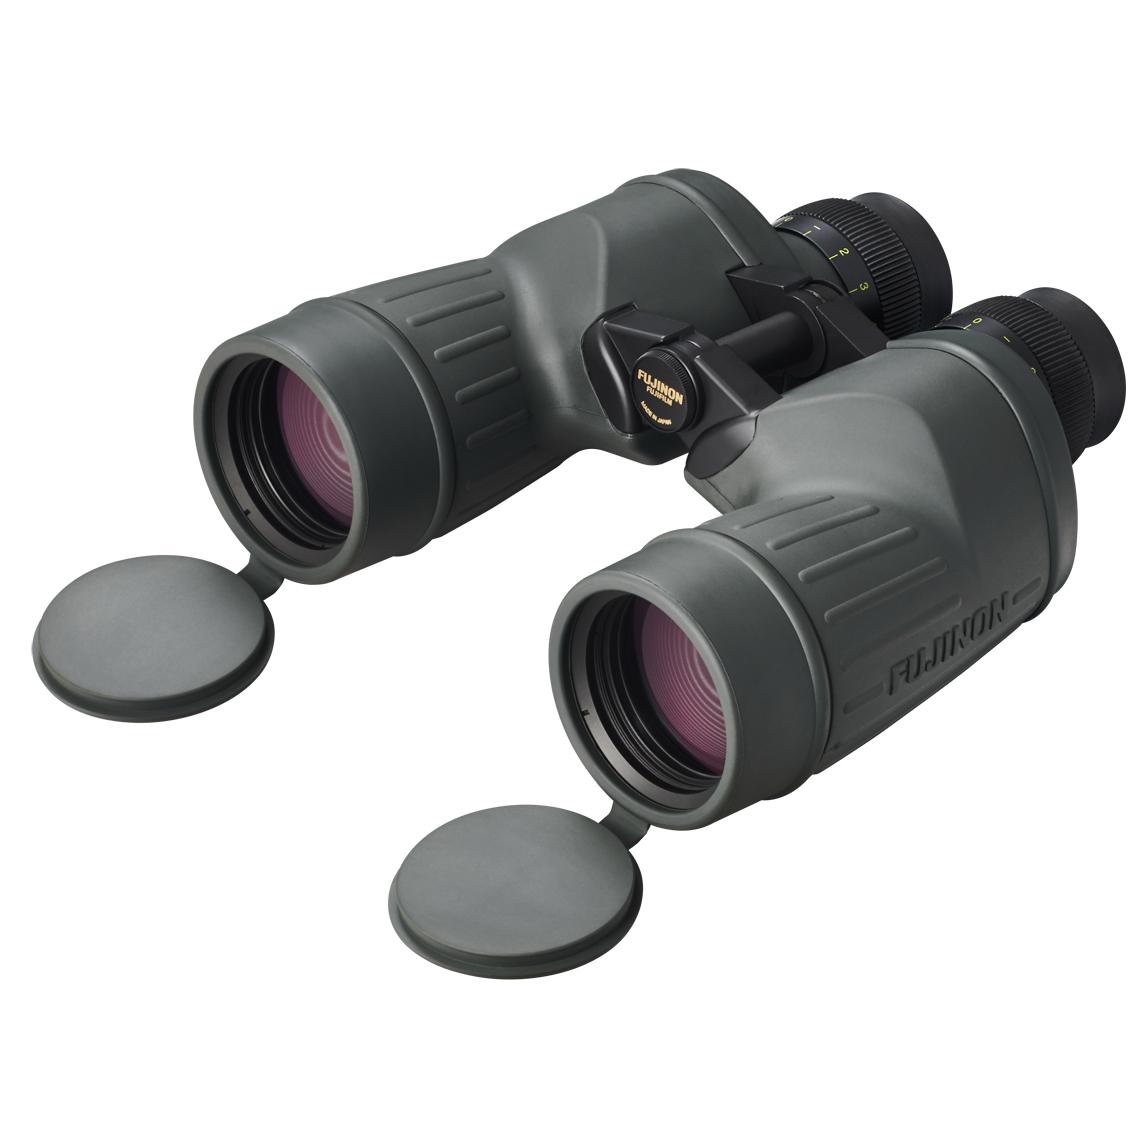 Fujifilm 10x50 Fujinon FMTR-SX 2